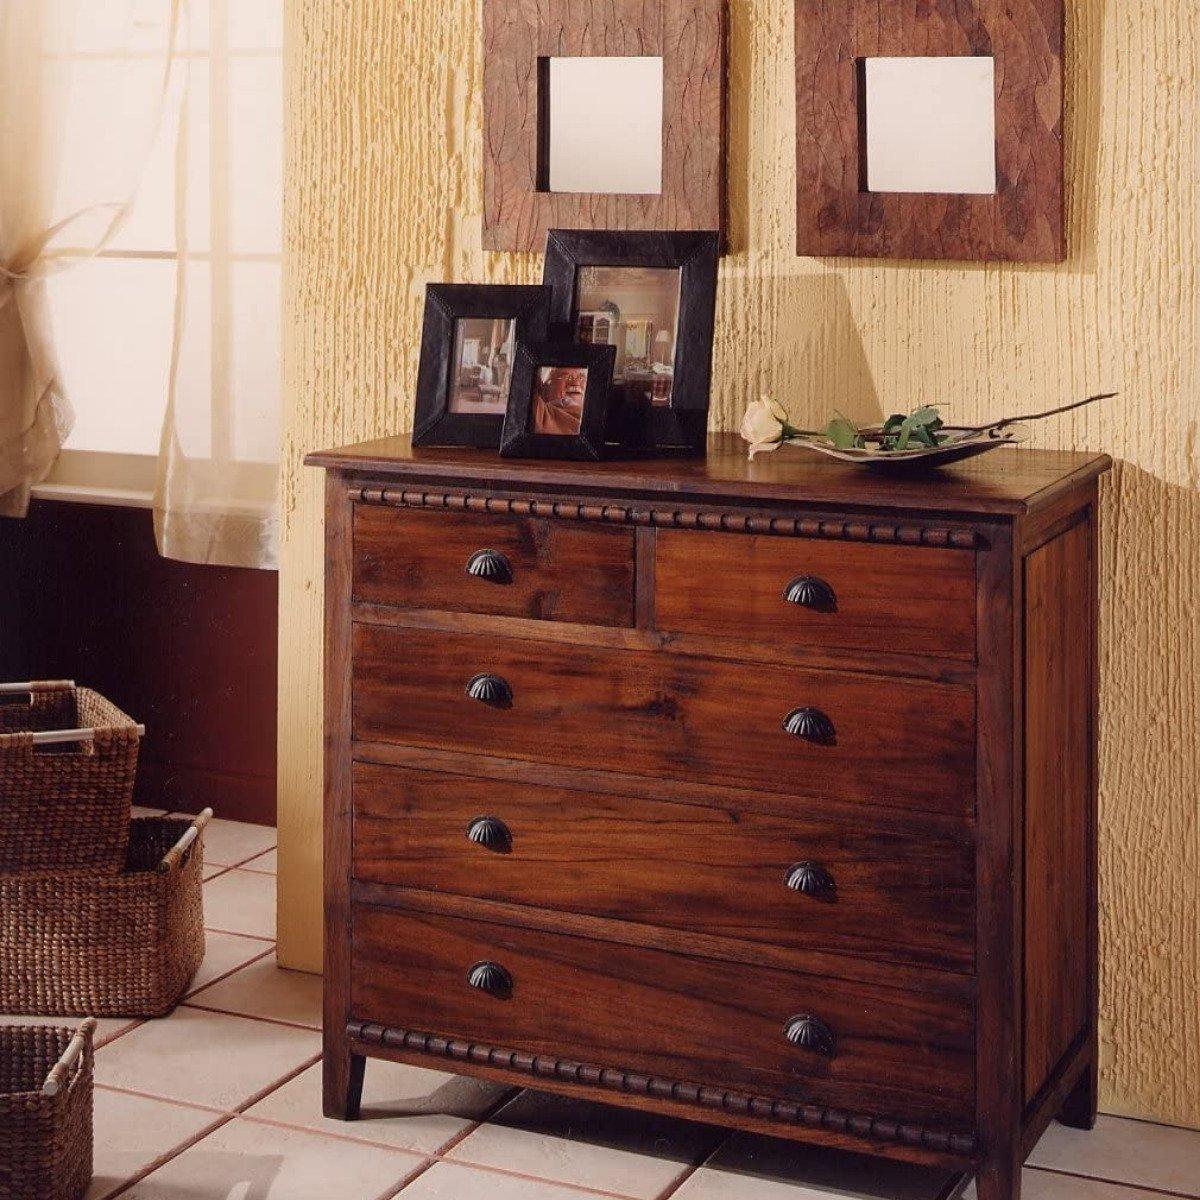 stile-coloniale-10-mobili-che-non-possono-mancare-14